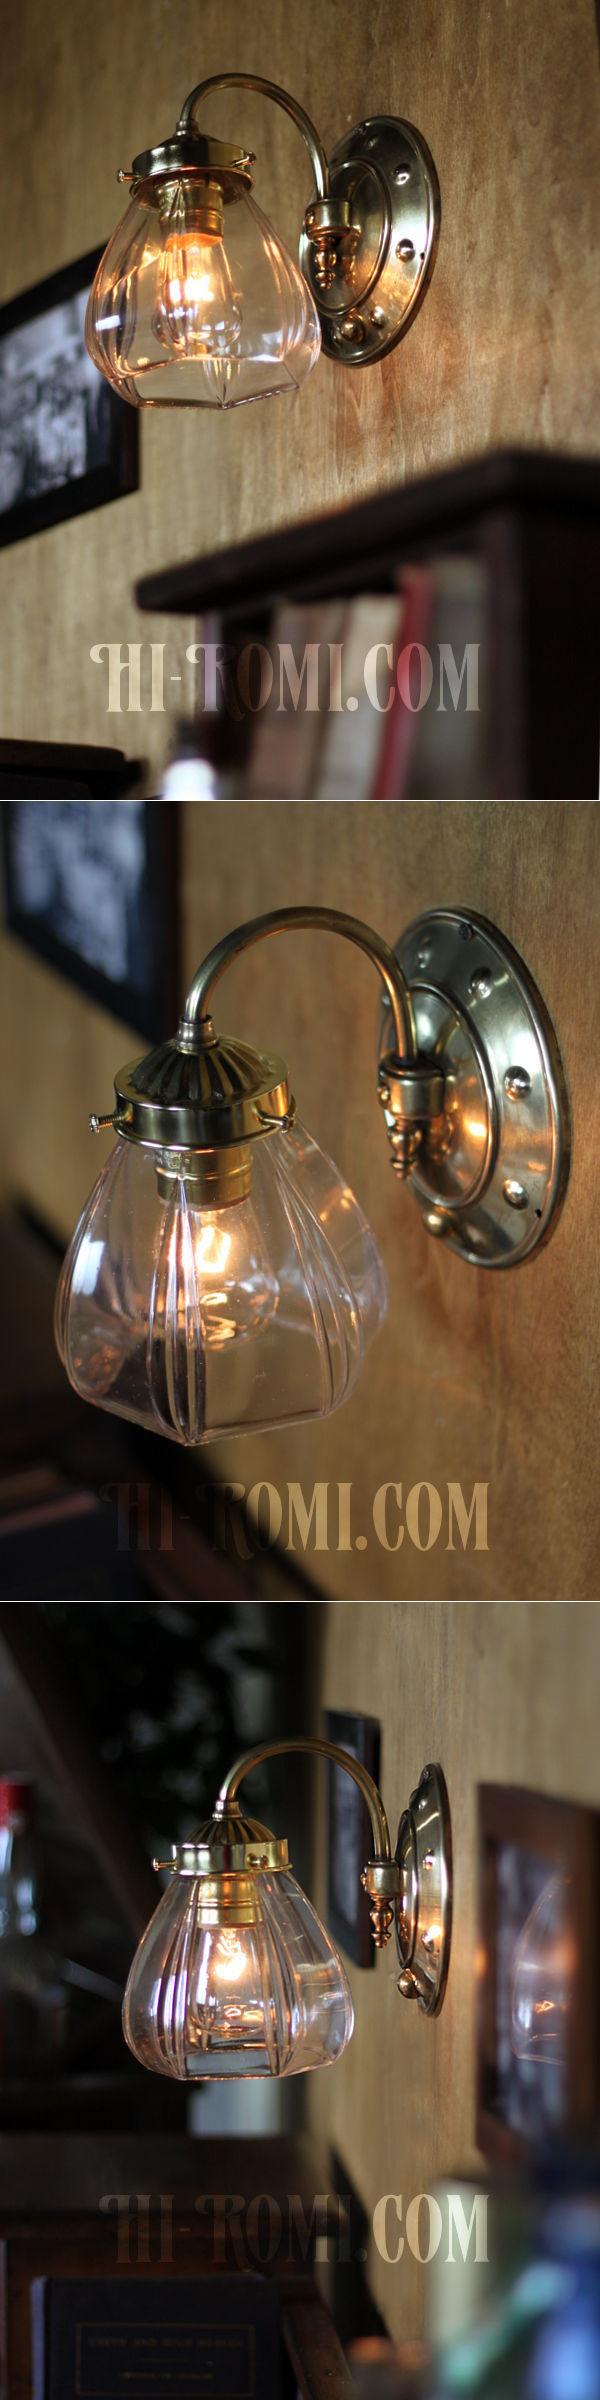 ヴィンテージコロニアルクリアガラスシェード&ホブネイルベースのブラケットランプ/ヴィクトリアン壁照明